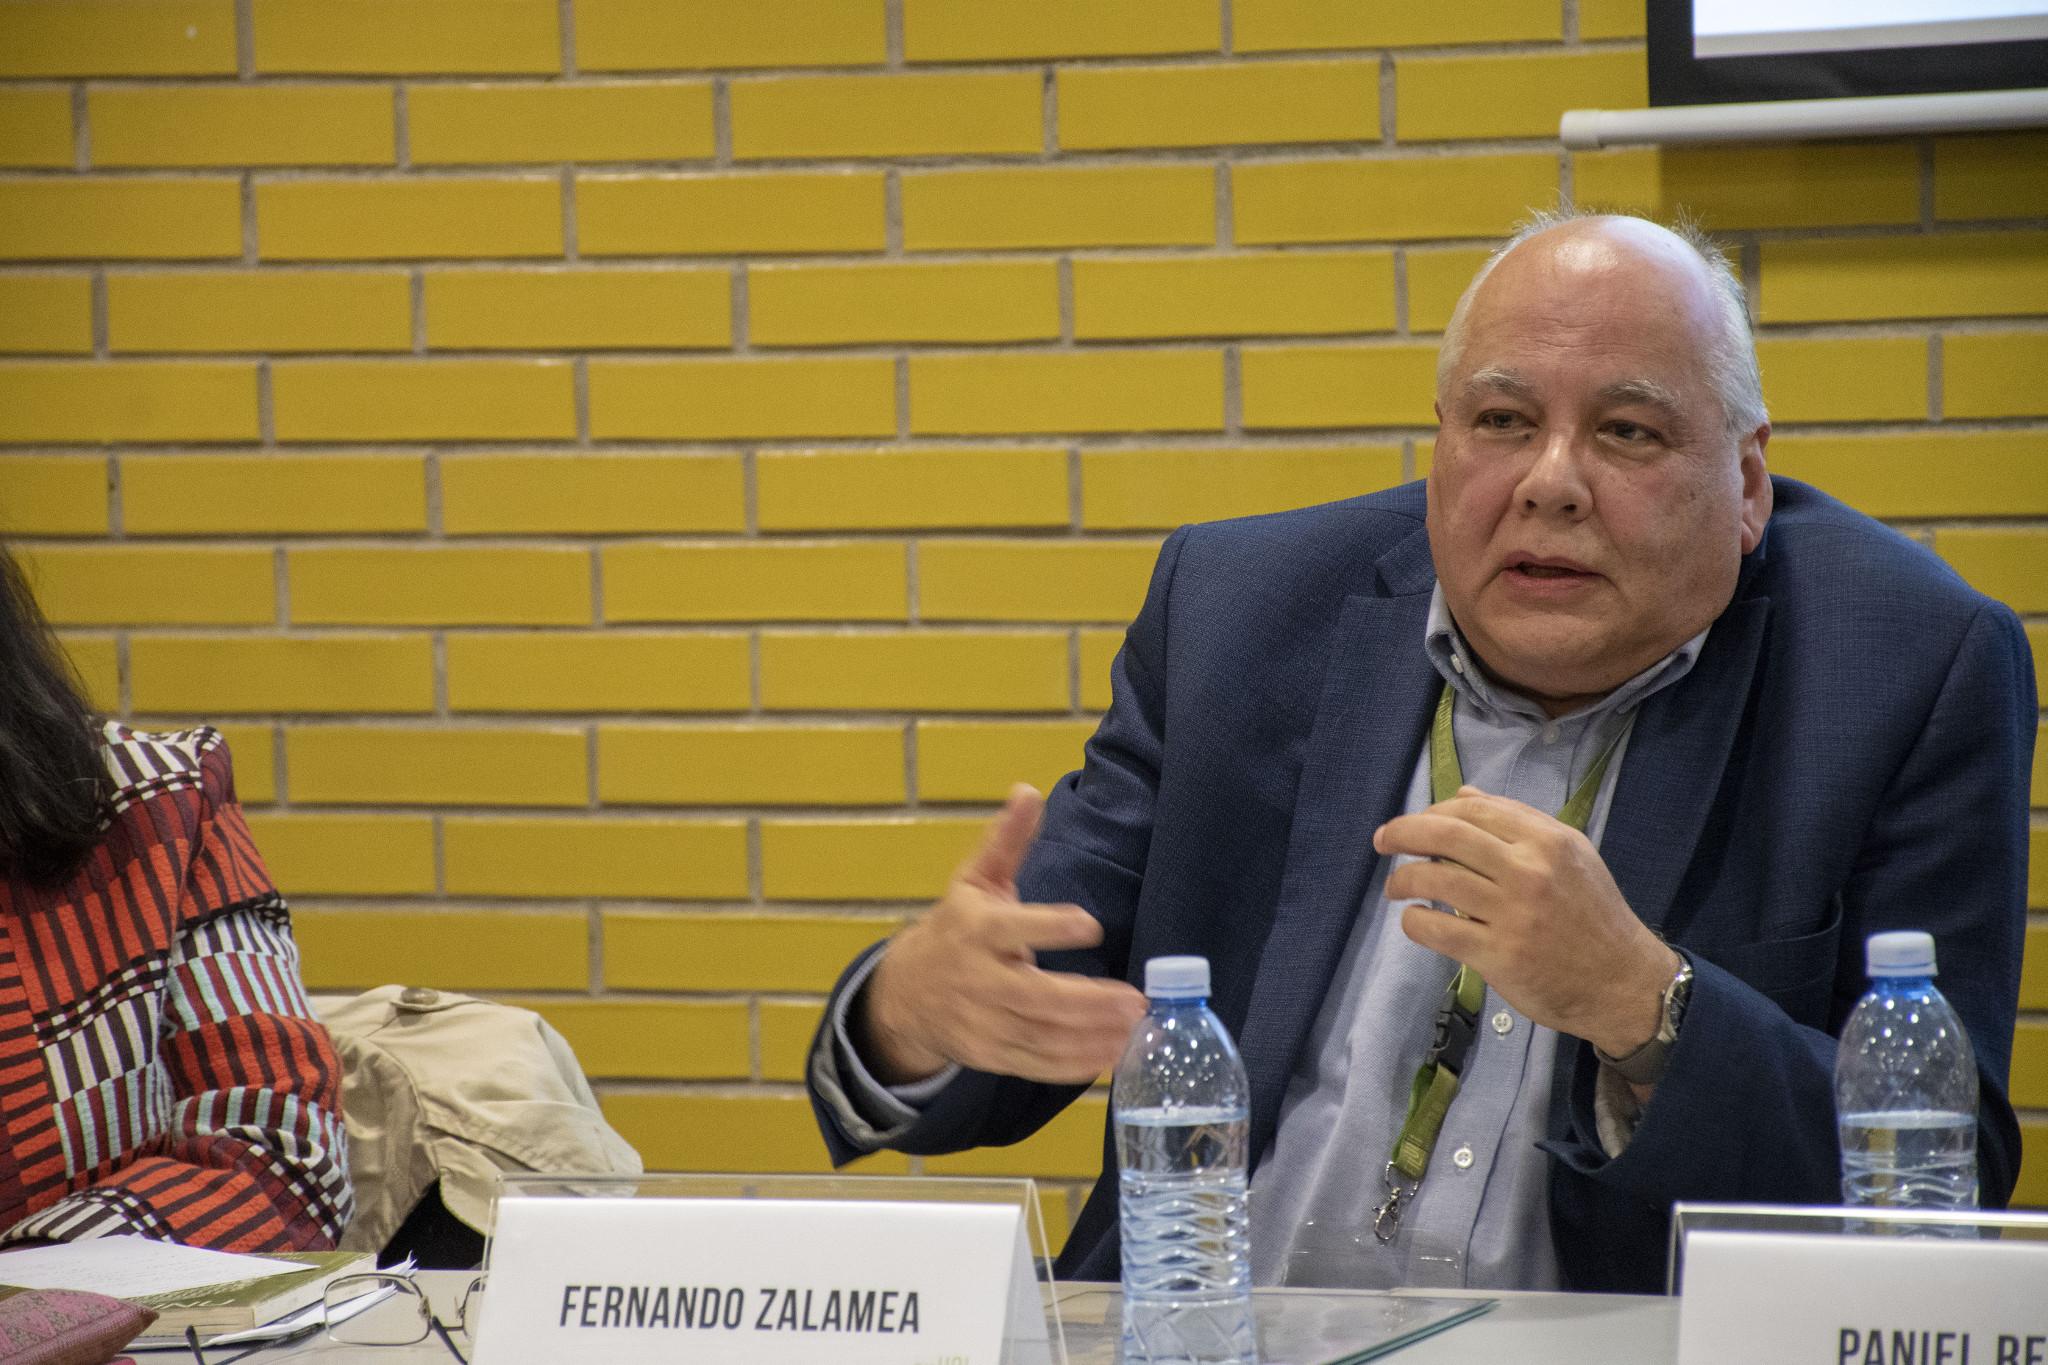 Foto: David Sánchez S./Editorial UN